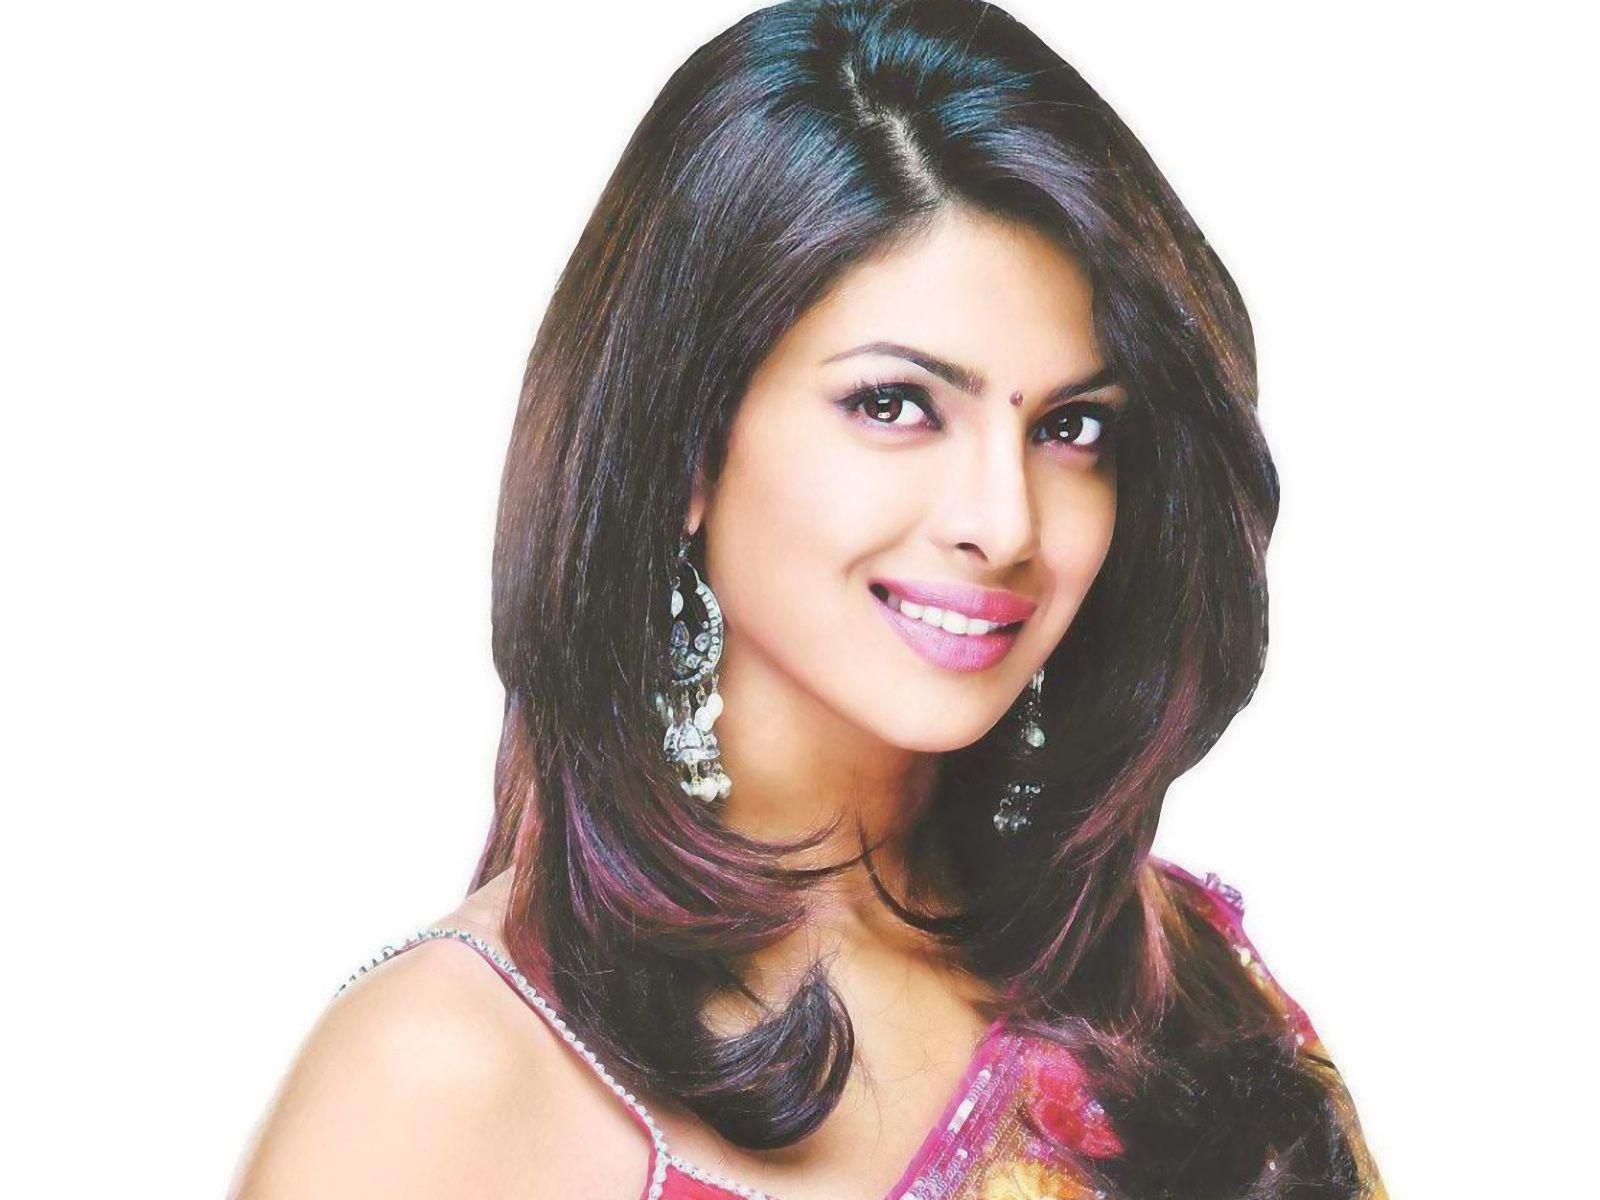 priyanka chopra haircut - Google Search   hair cuts ...